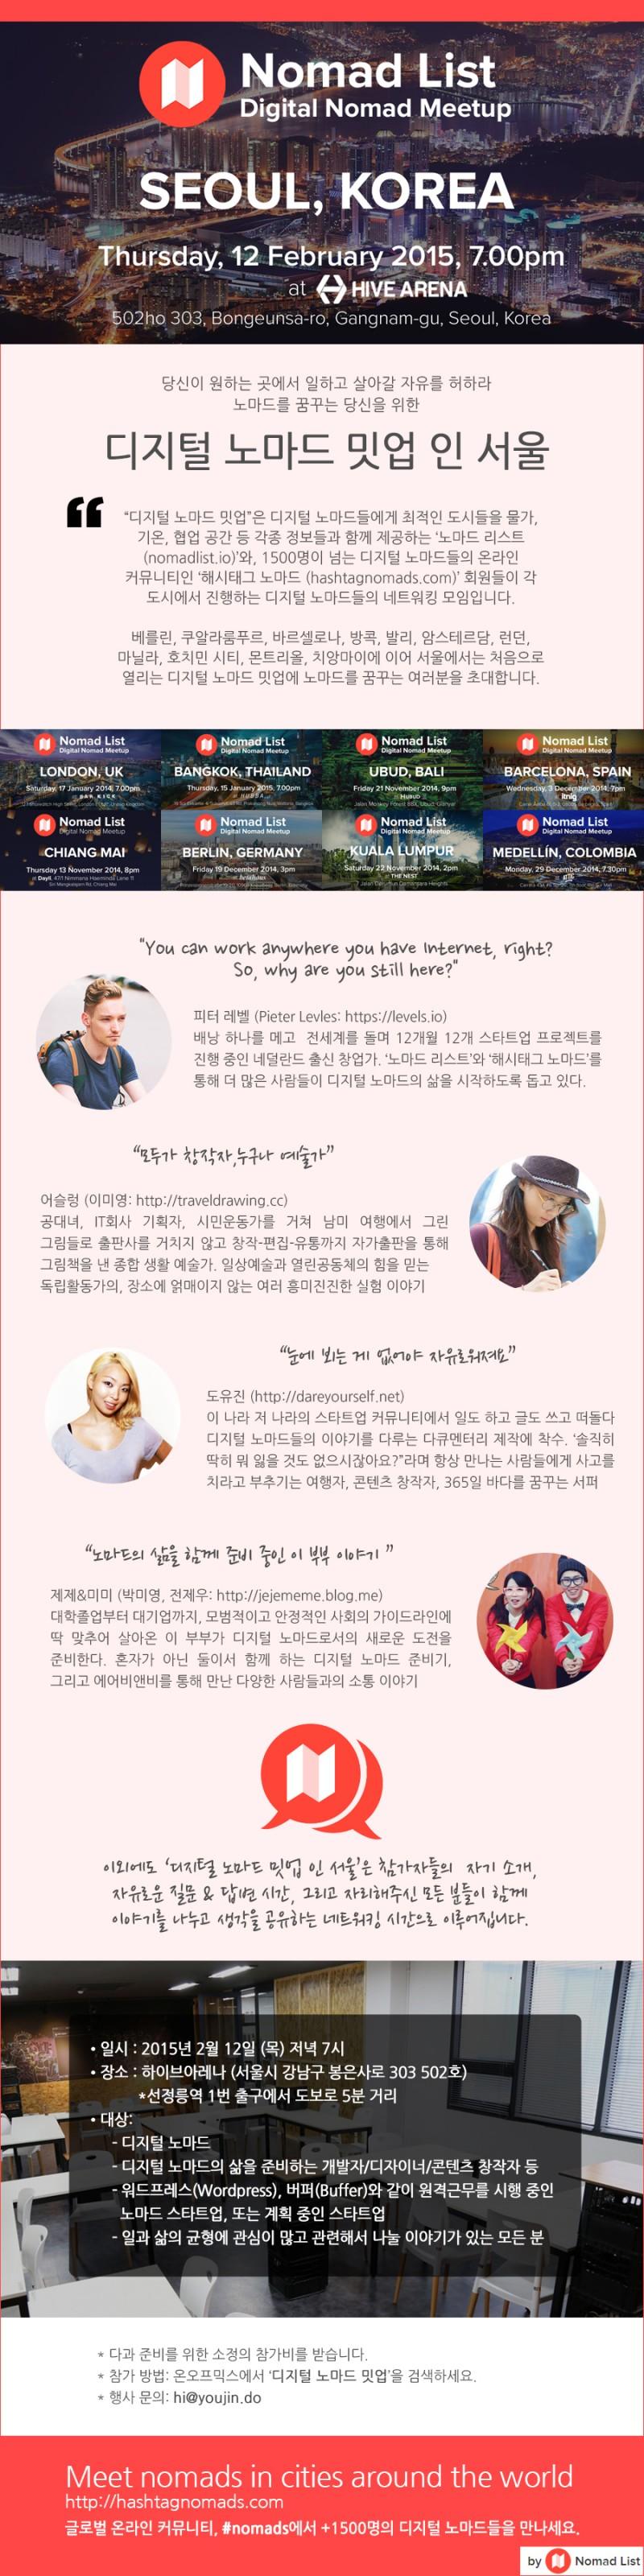 DN-meetup-Seoul-poster_final